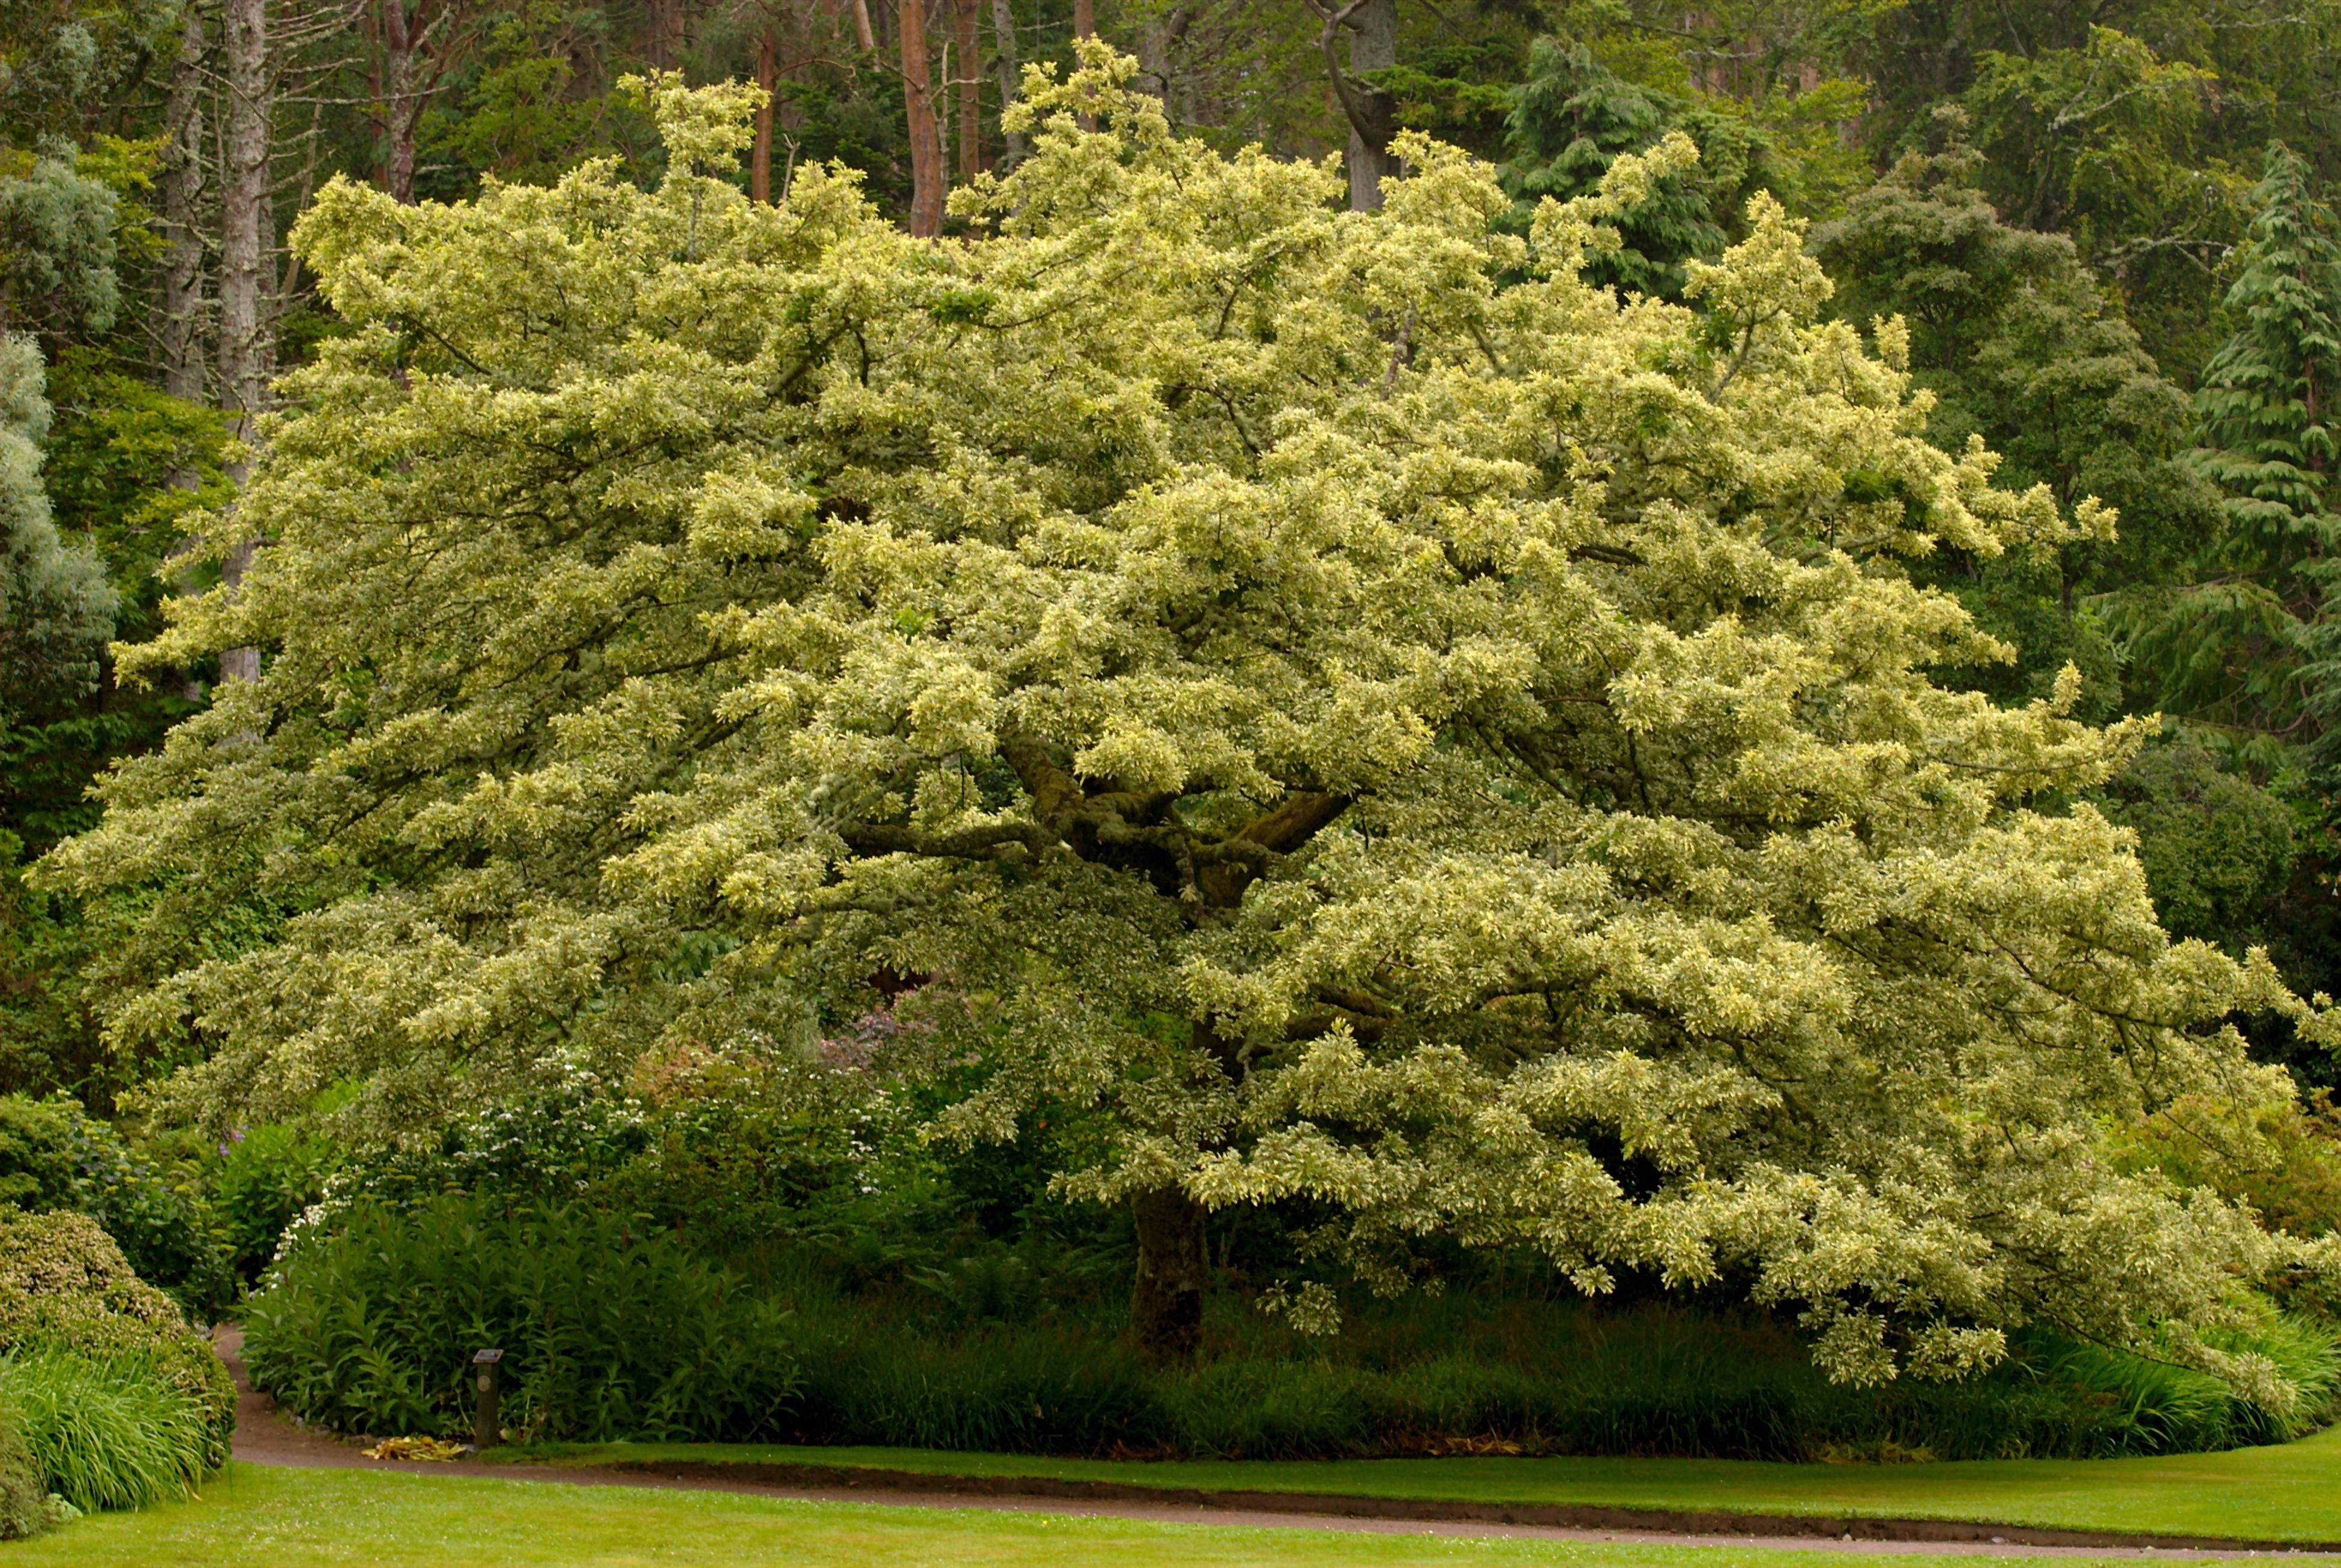 Description tree in inverewe garden